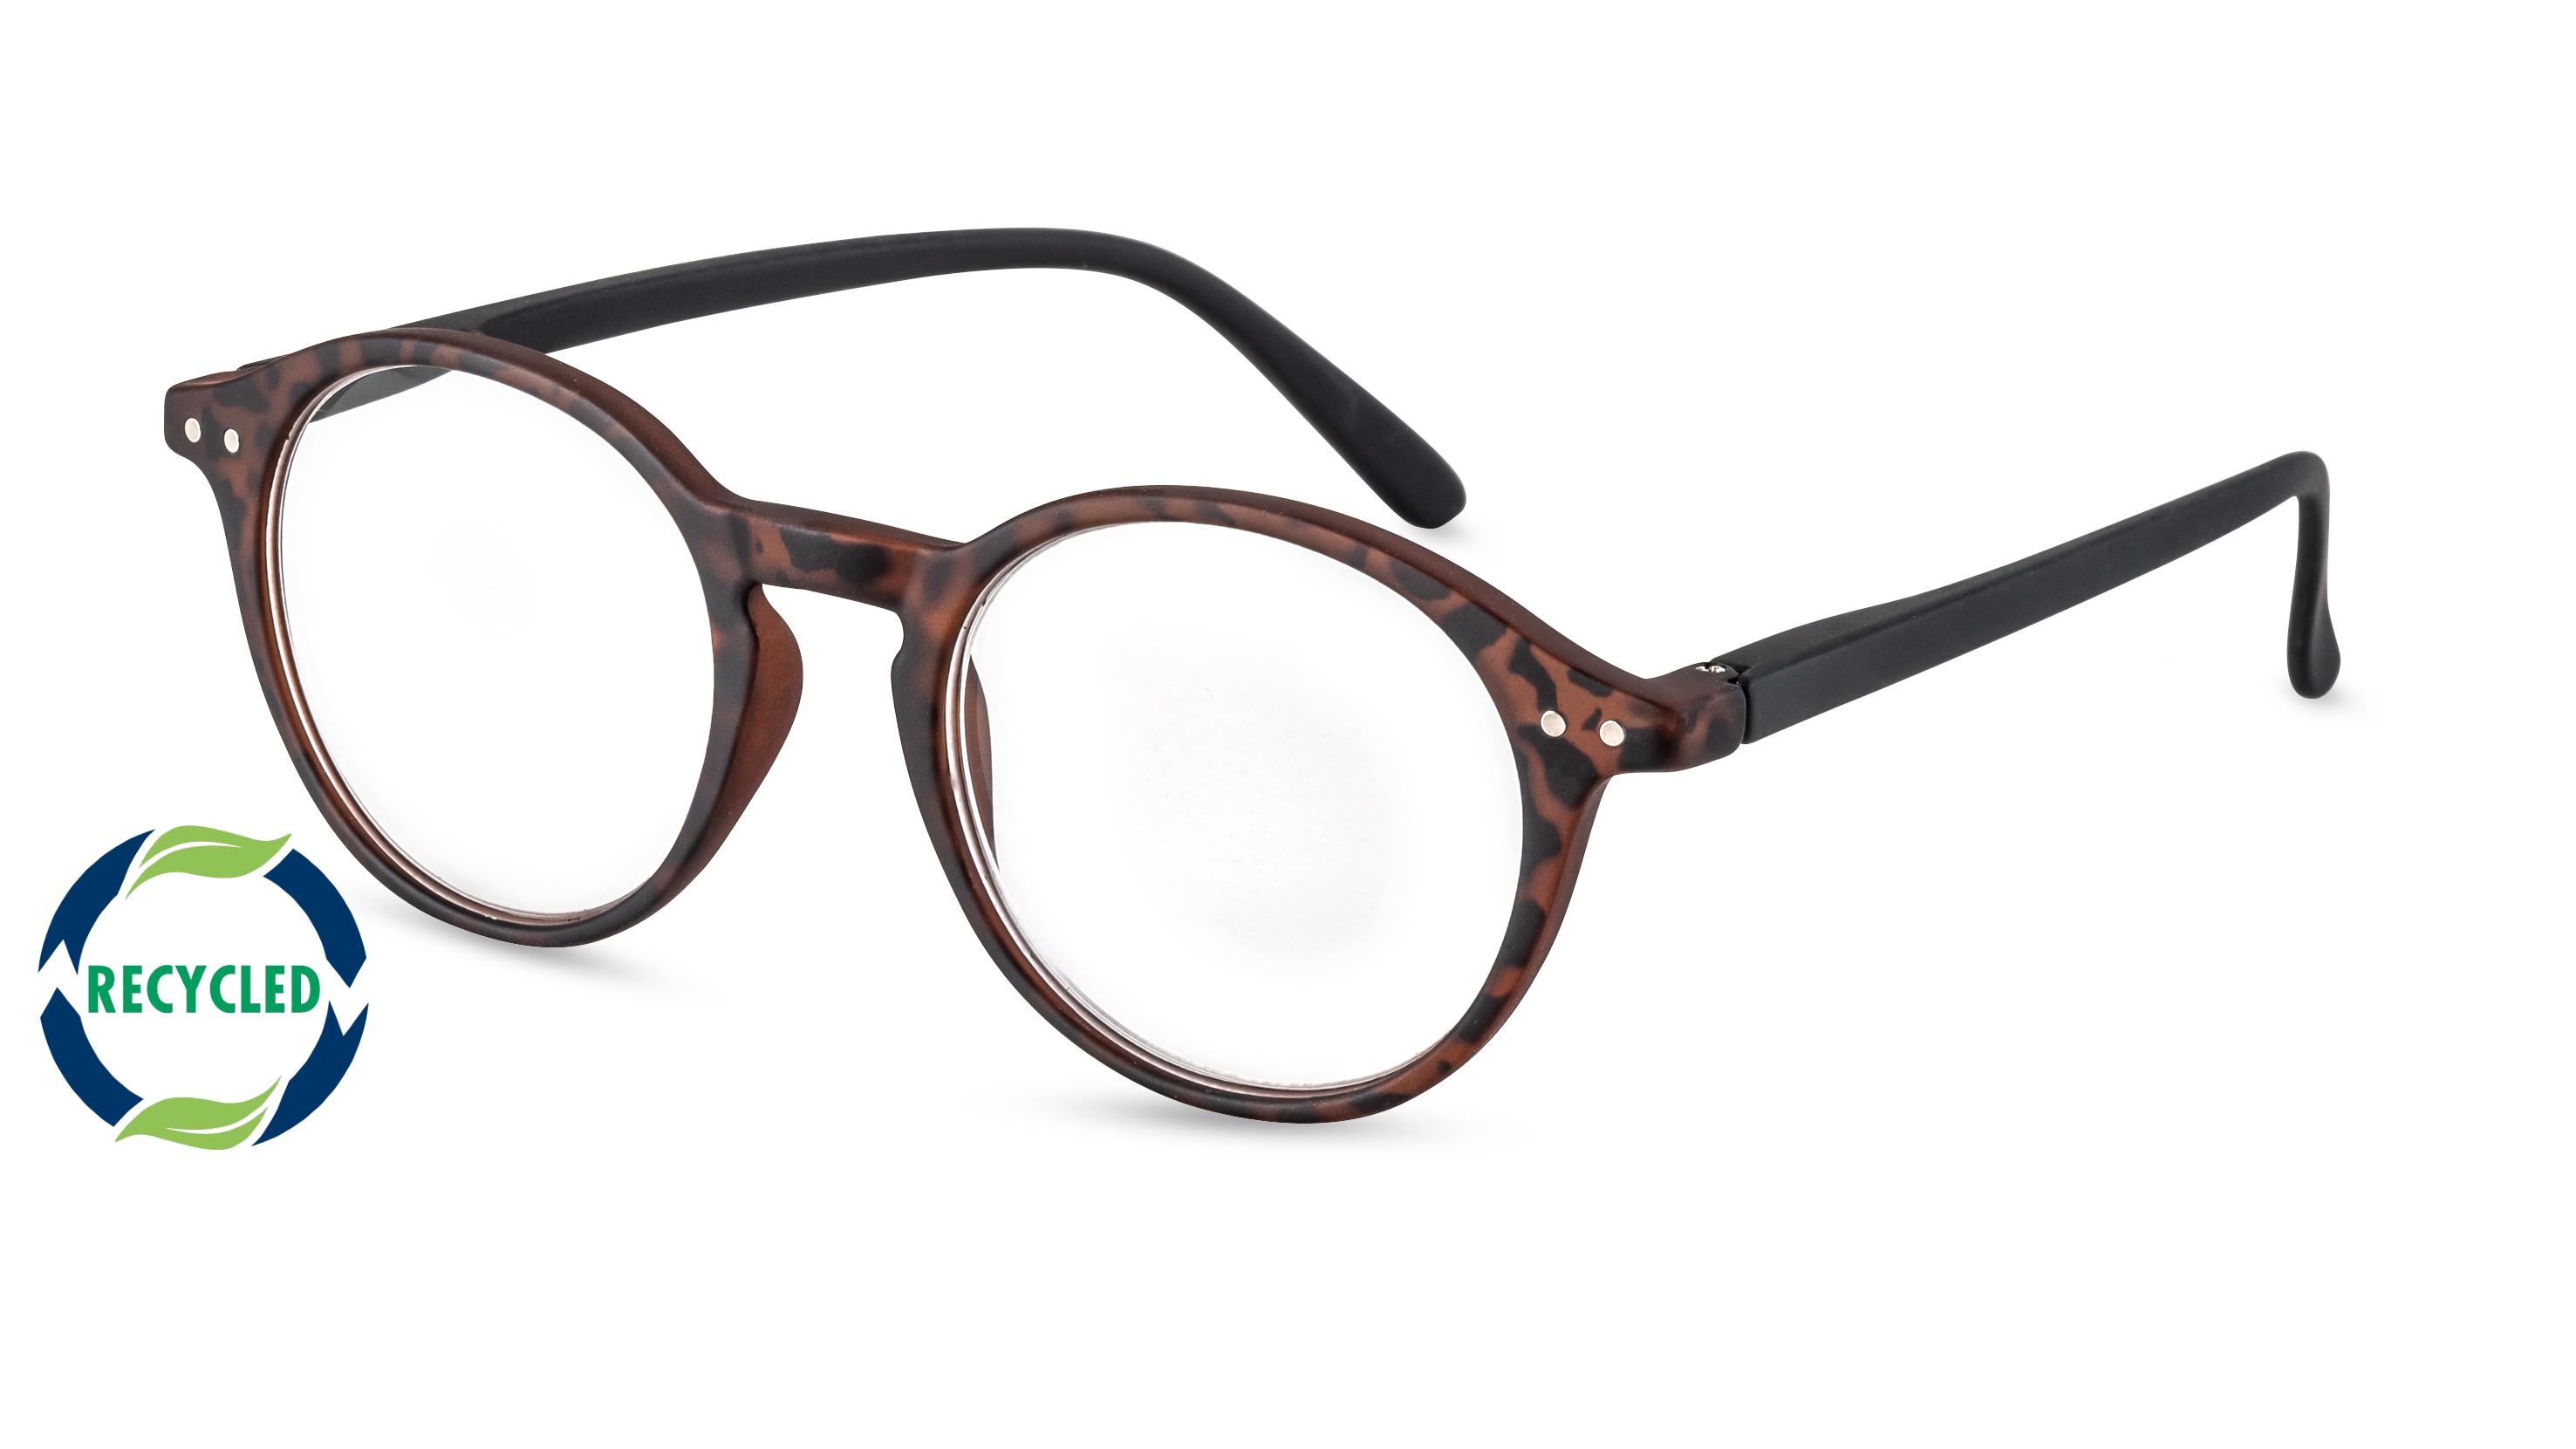 Filtral Recycled Reading Glasses Rio havana-black